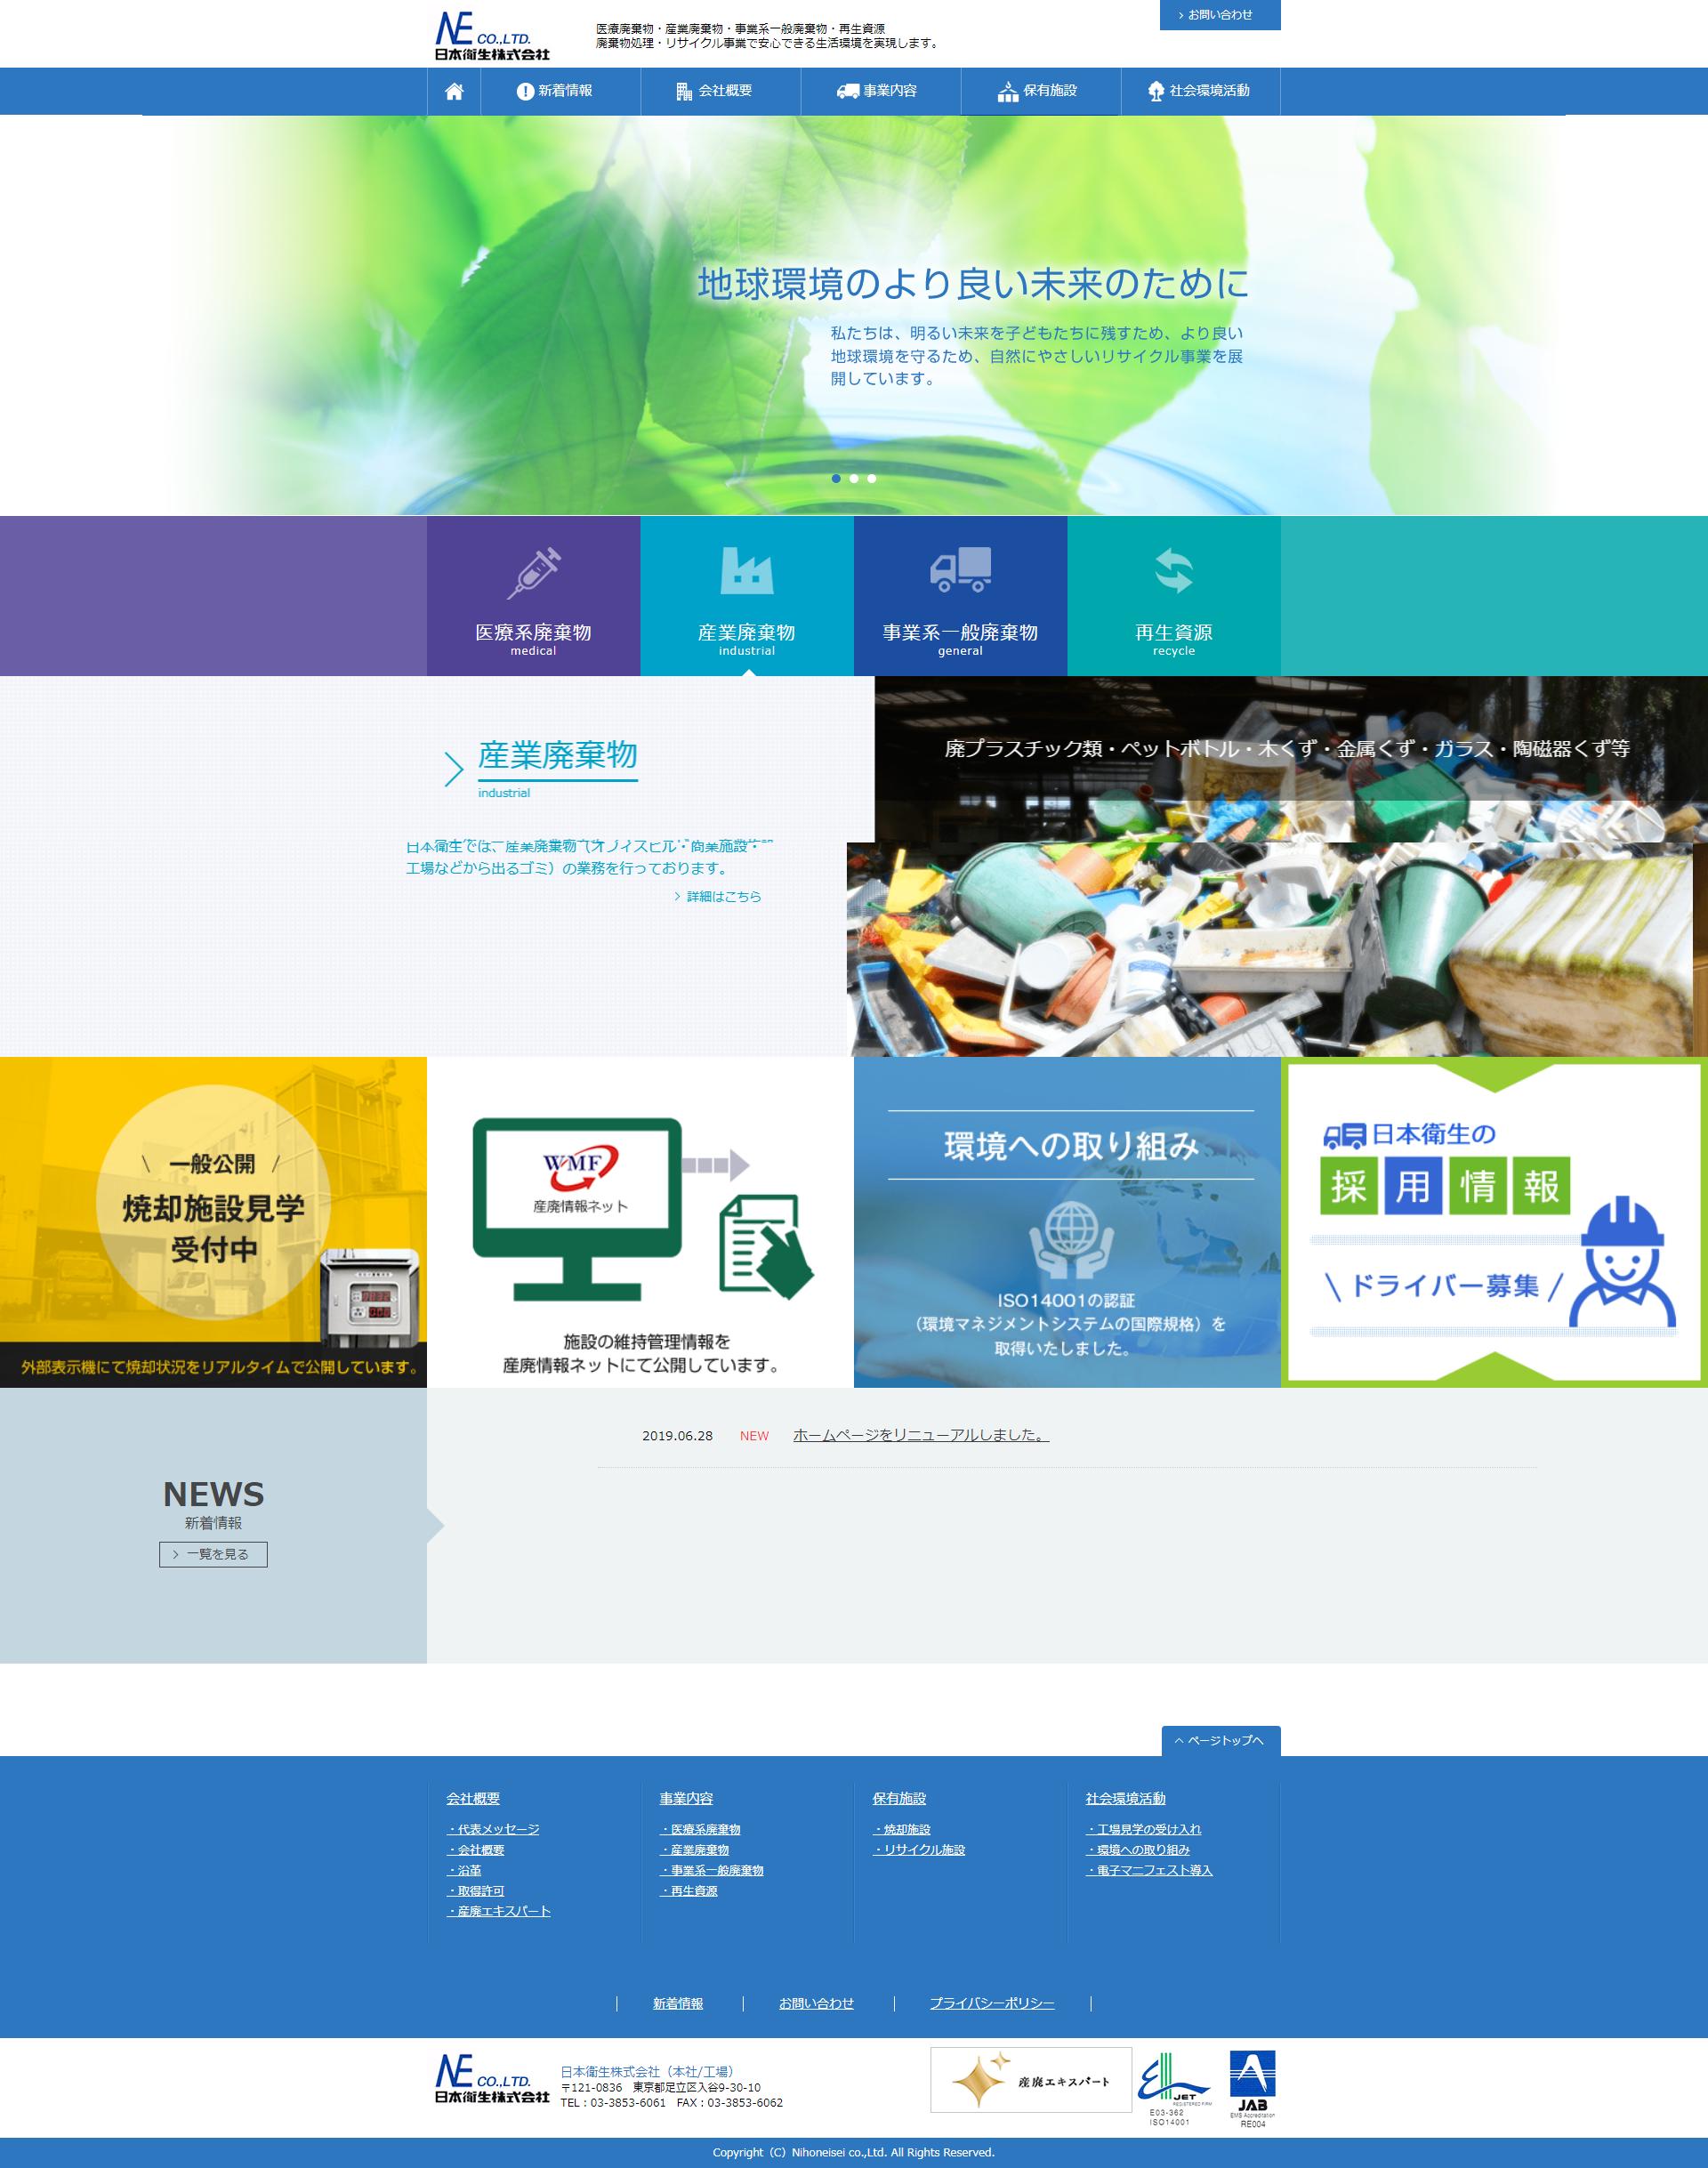 日本衛生株式会社